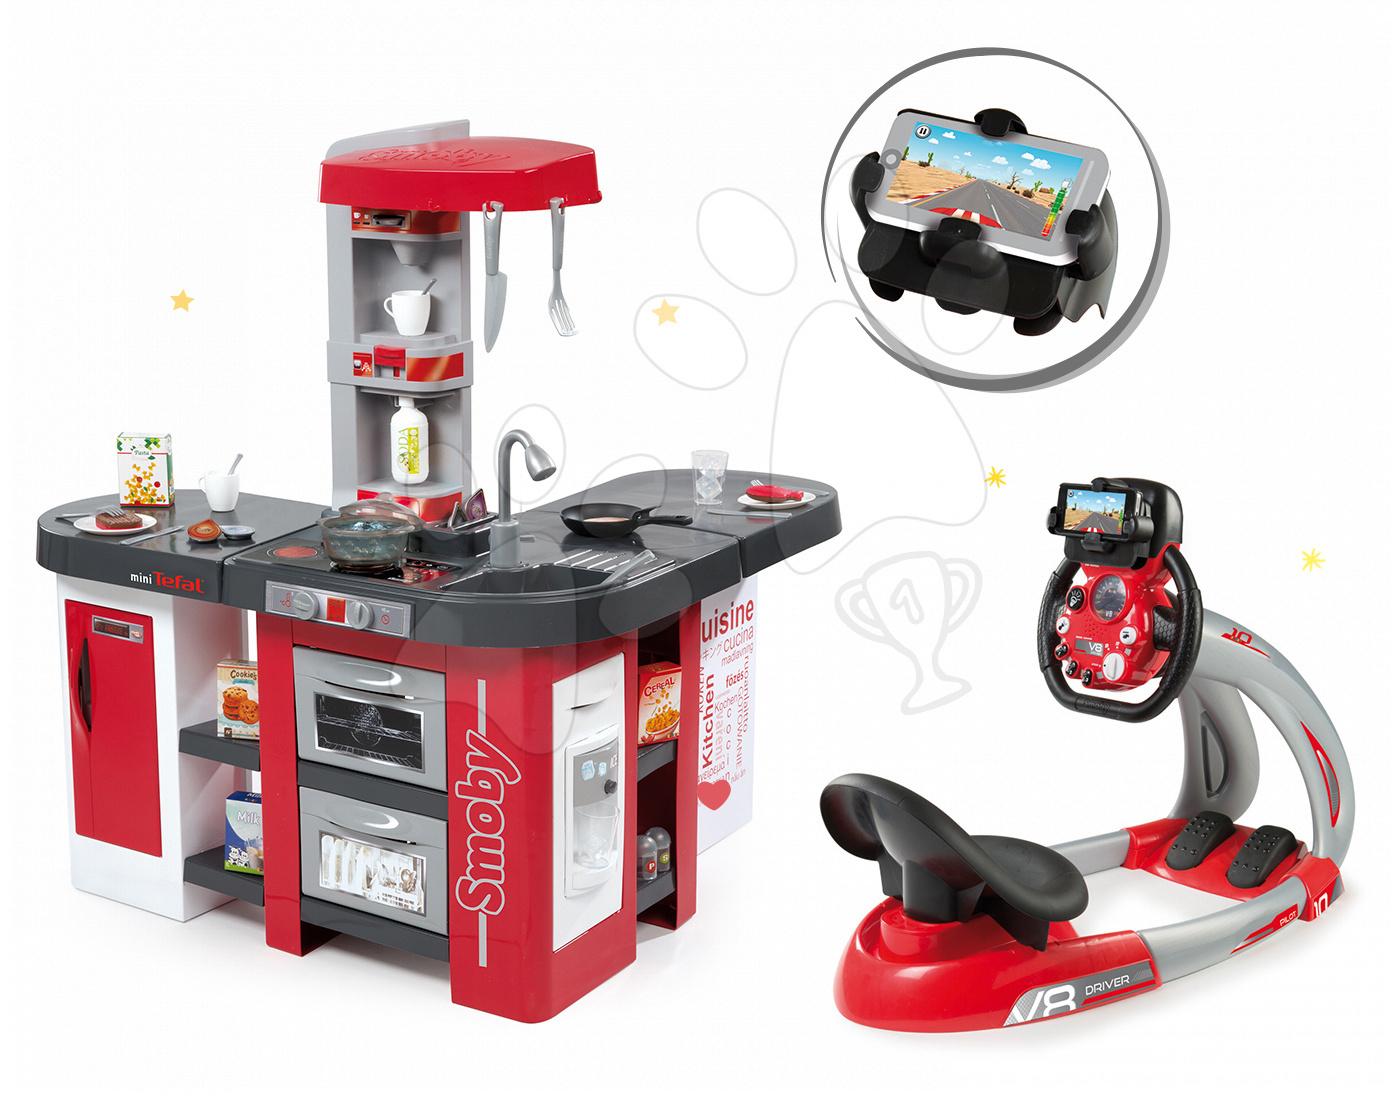 Set kuchynka Tefal Studio XXL Smoby s magickým bublaním a elektronický trenažér V8 Driver